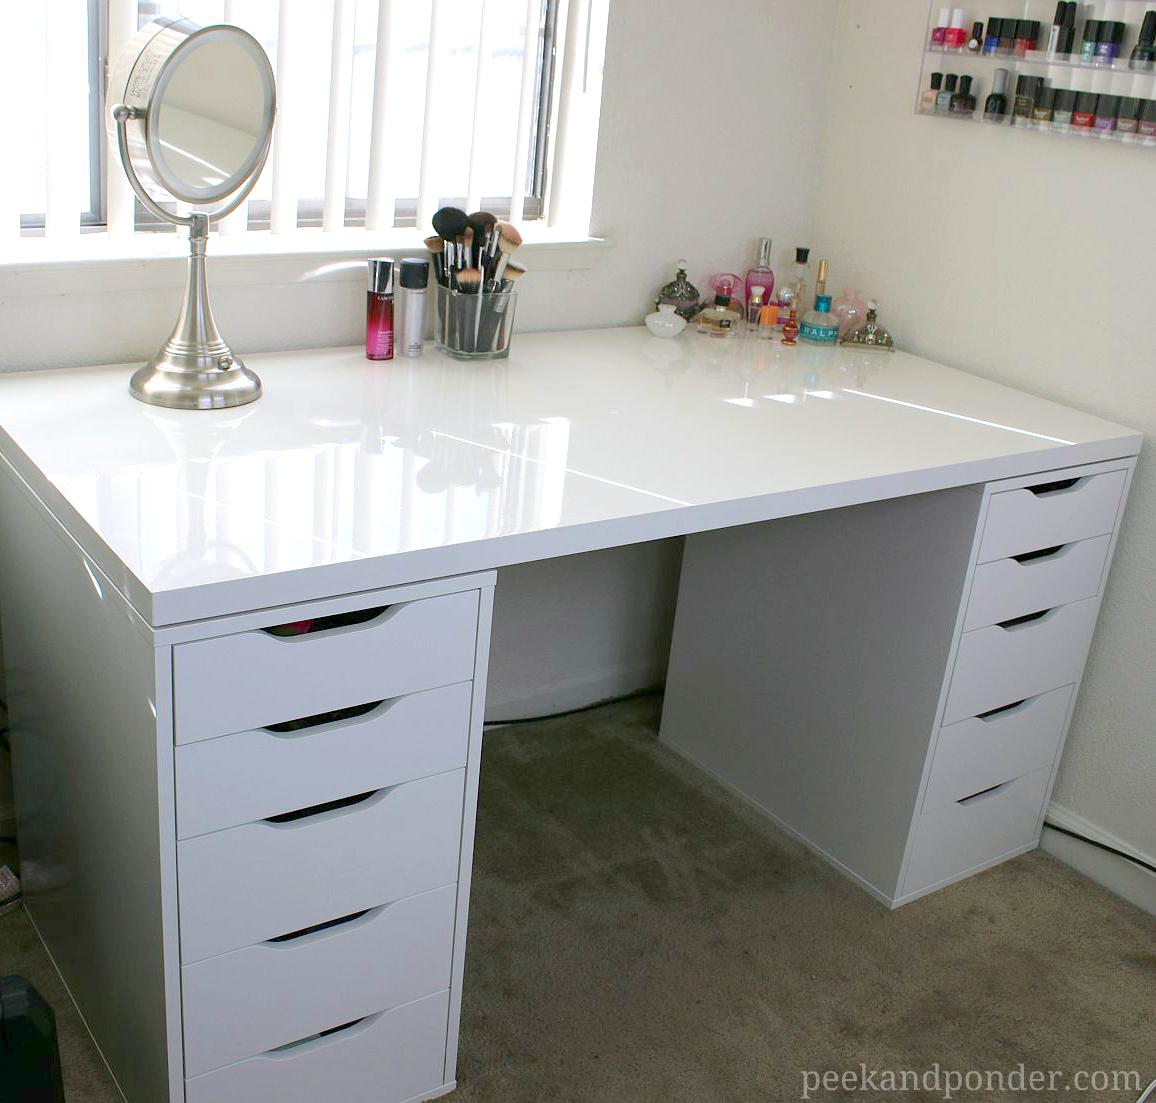 My New Ikea Makeup Vanity Diy Style Peek Amp Ponder